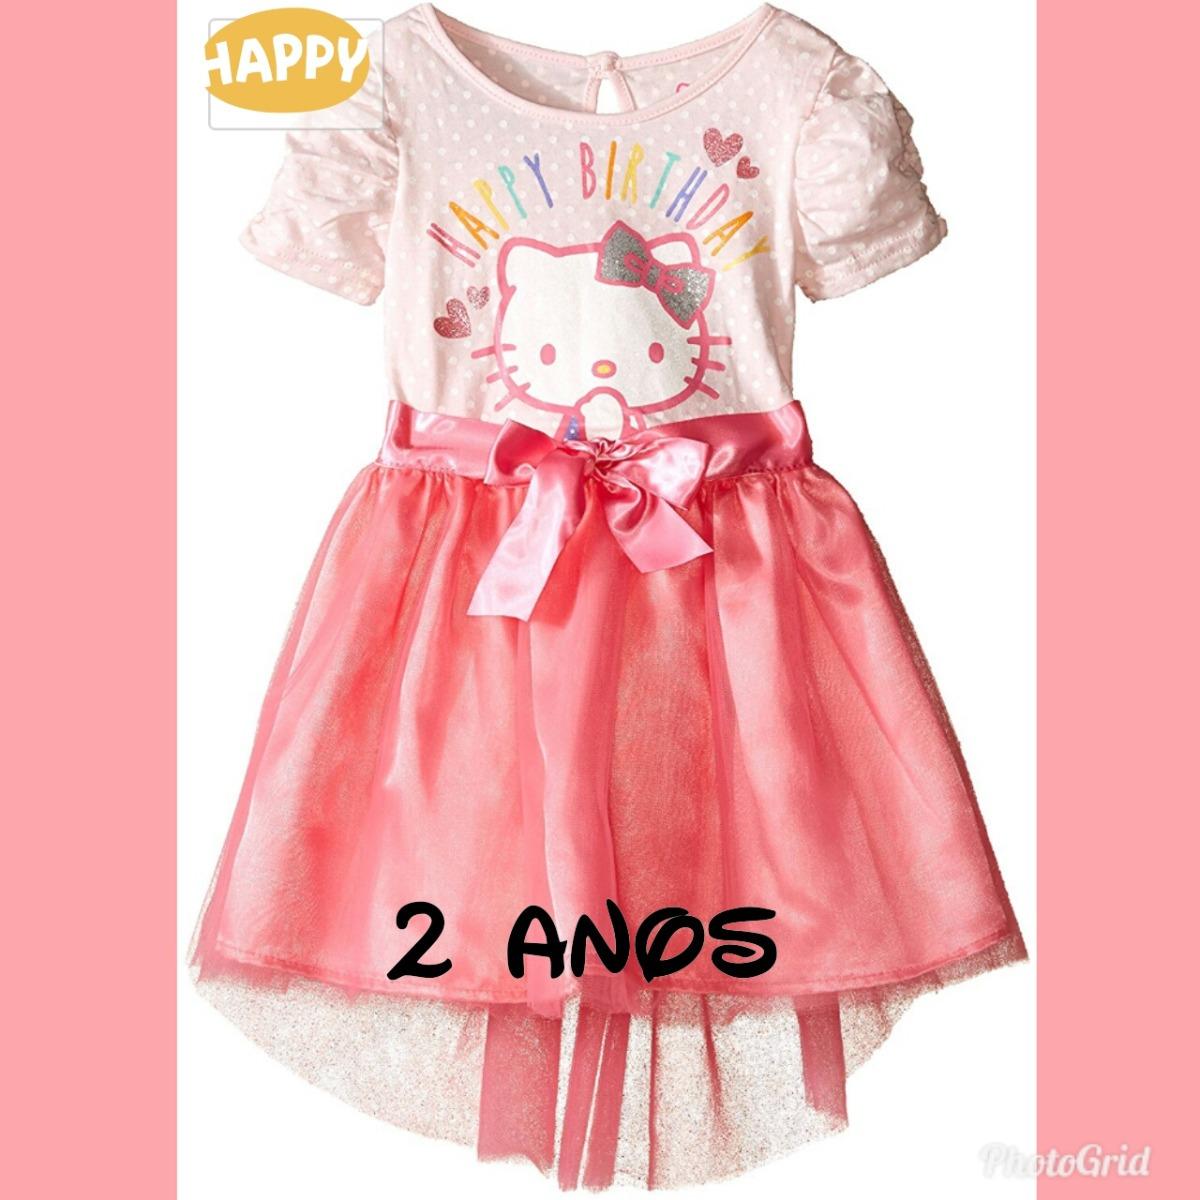 Vestido Fiesta Cumpleaños Bebe Hello Kitty - $ 220.00 en Mercado Libre